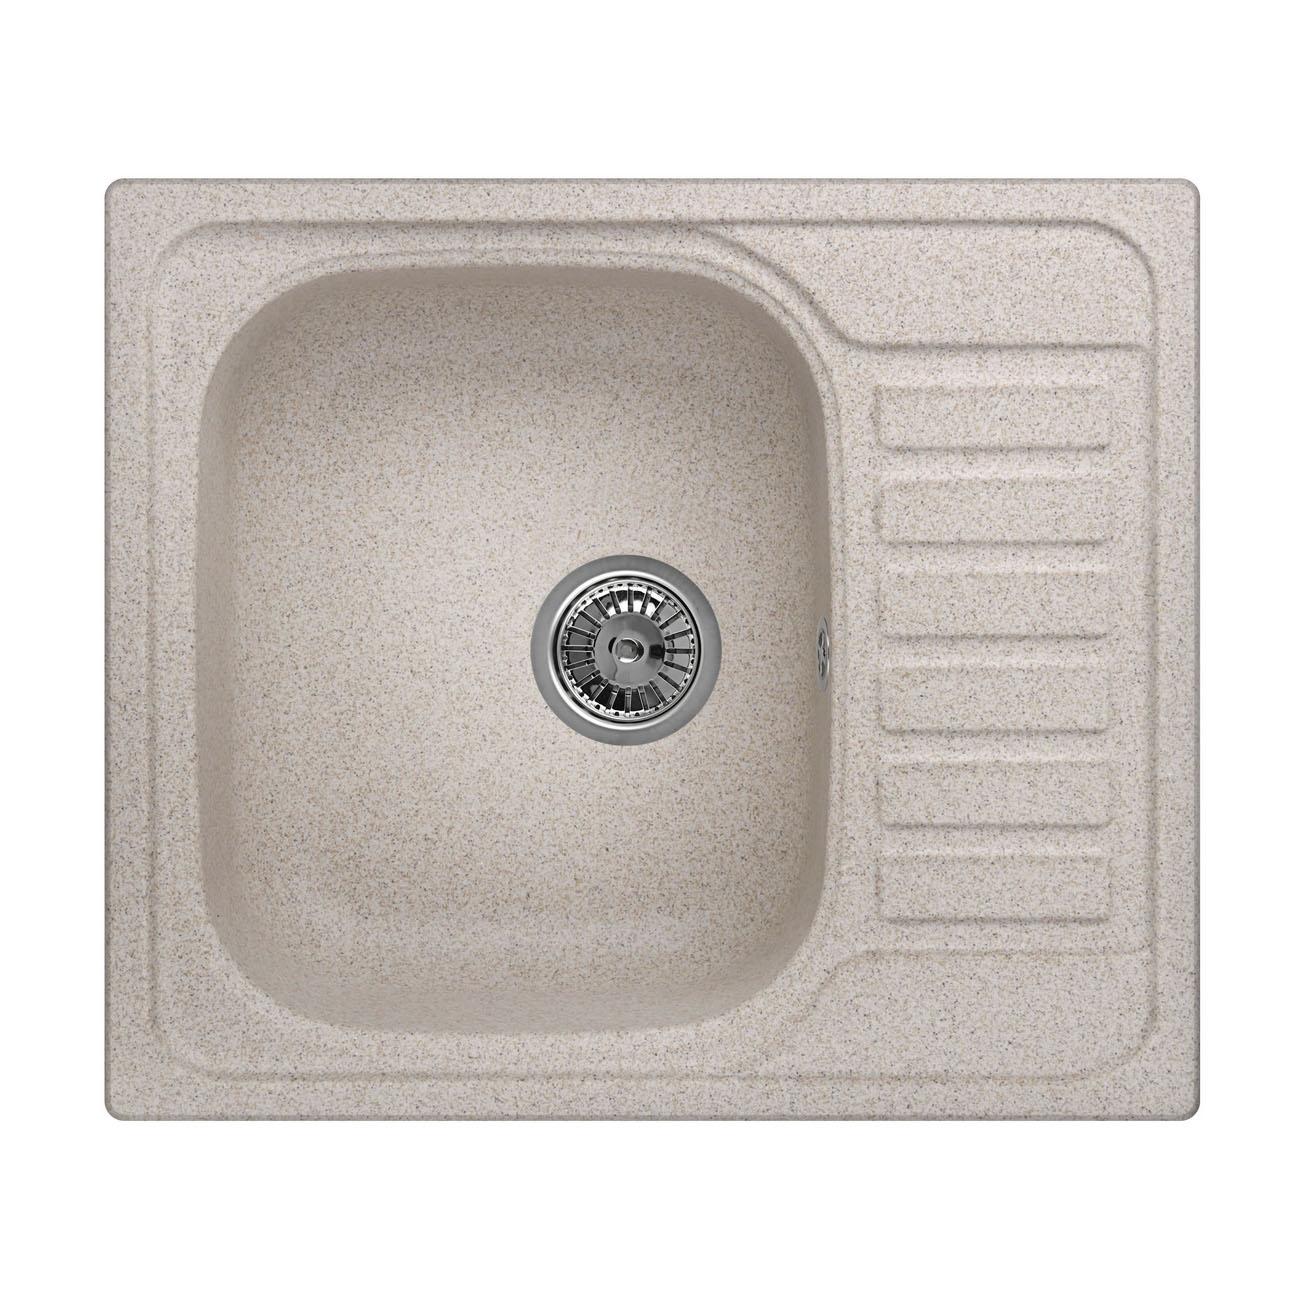 Кухонная мойка Granula GR-5801 575х495 классик кухонная мойка teka centroval mic